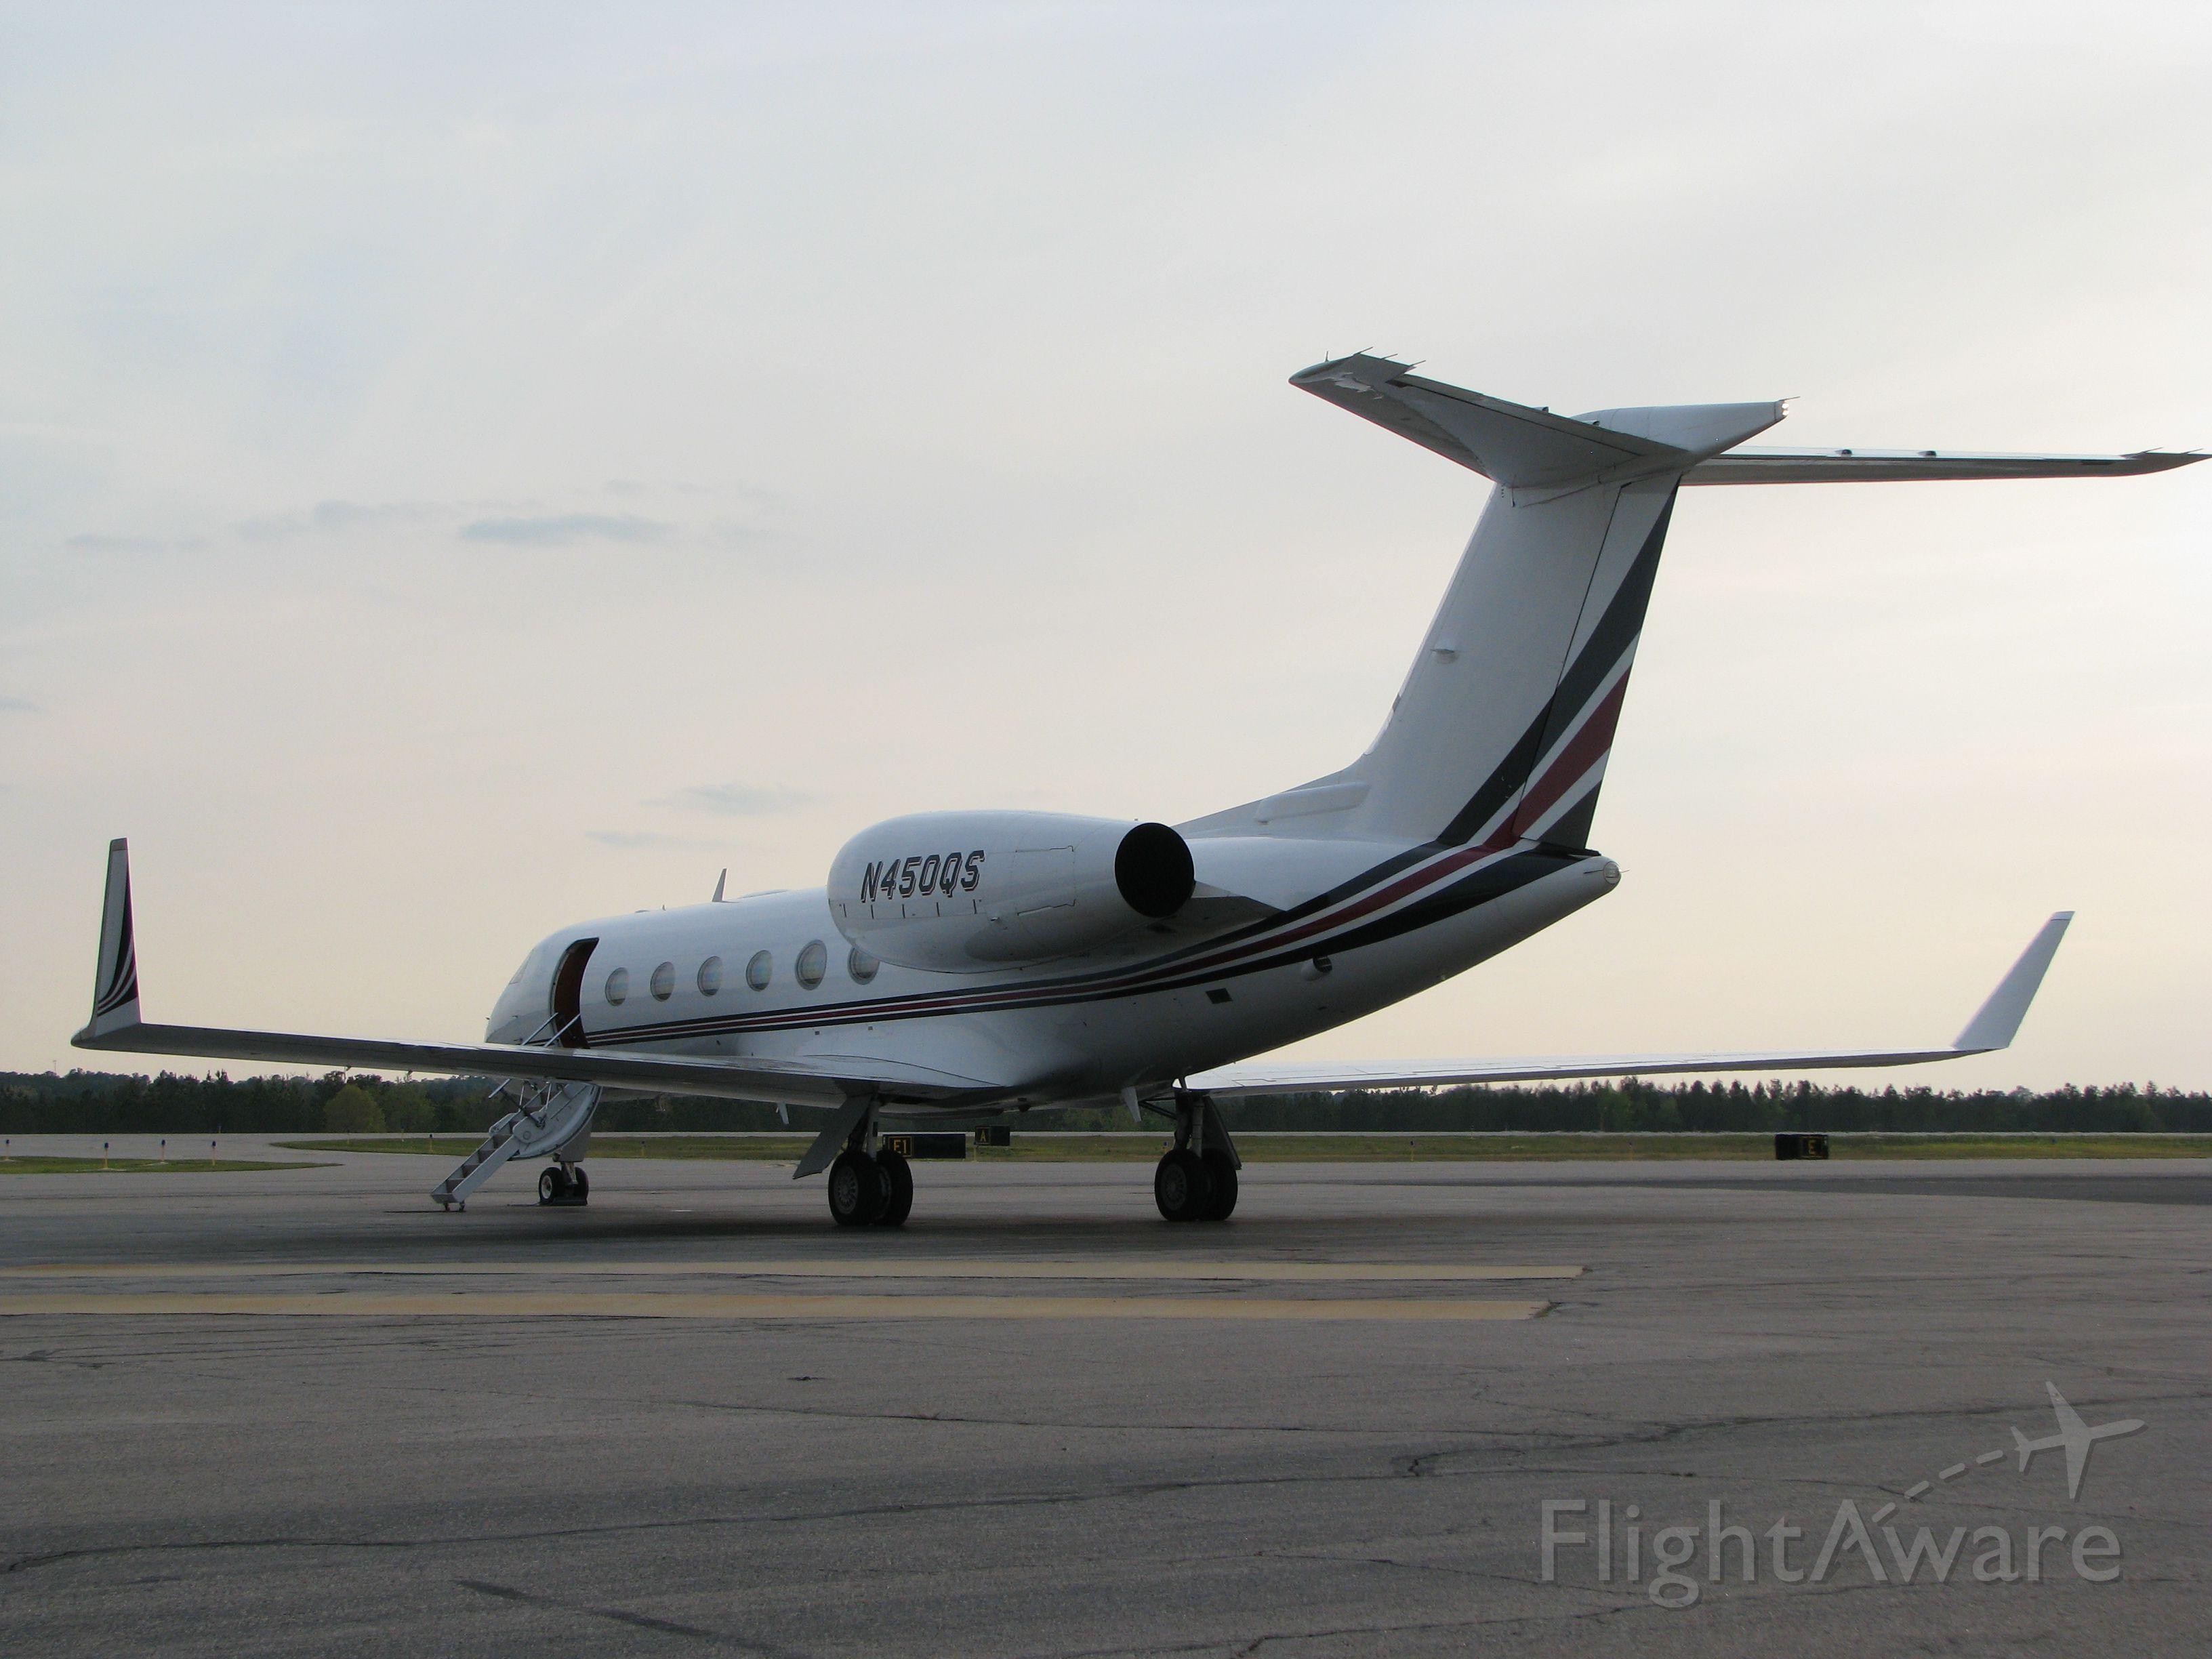 Gulfstream Aerospace Gulfstream IV (N450QS) - Gulfstream Aerospace Gulfstream IV